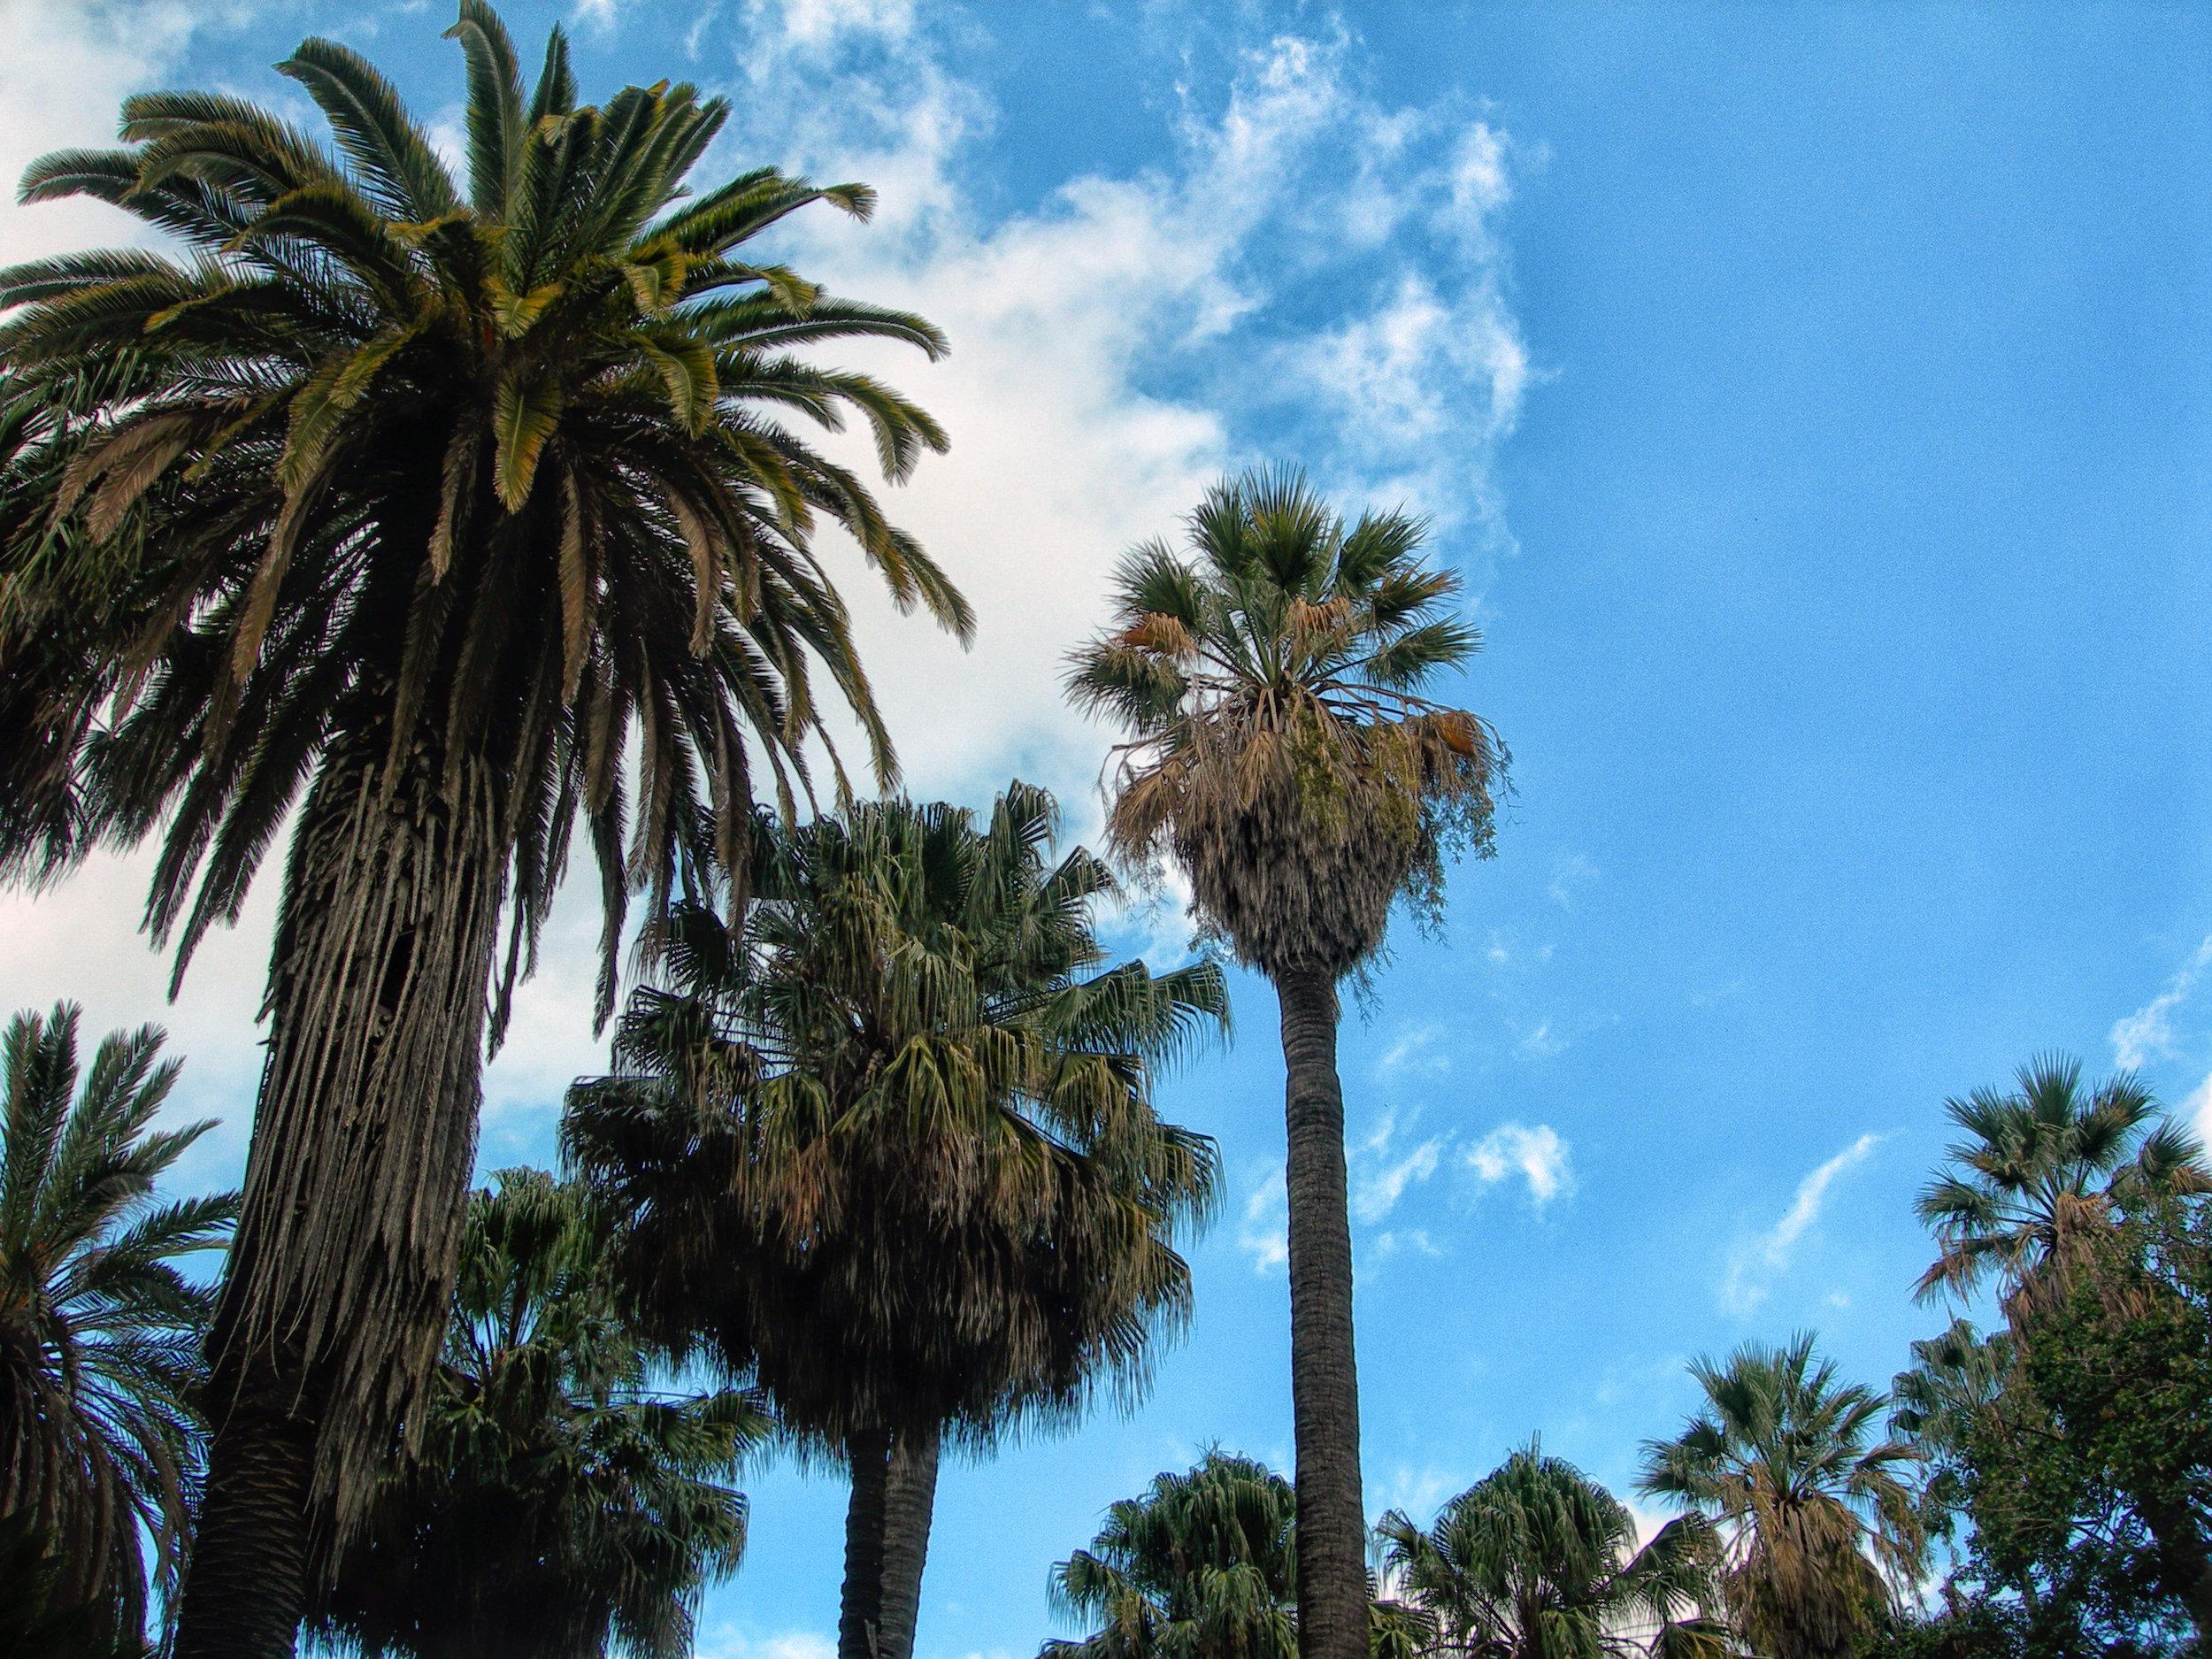 Susannah-Mira_Lisbon-Portugal-palm-trees.JPG